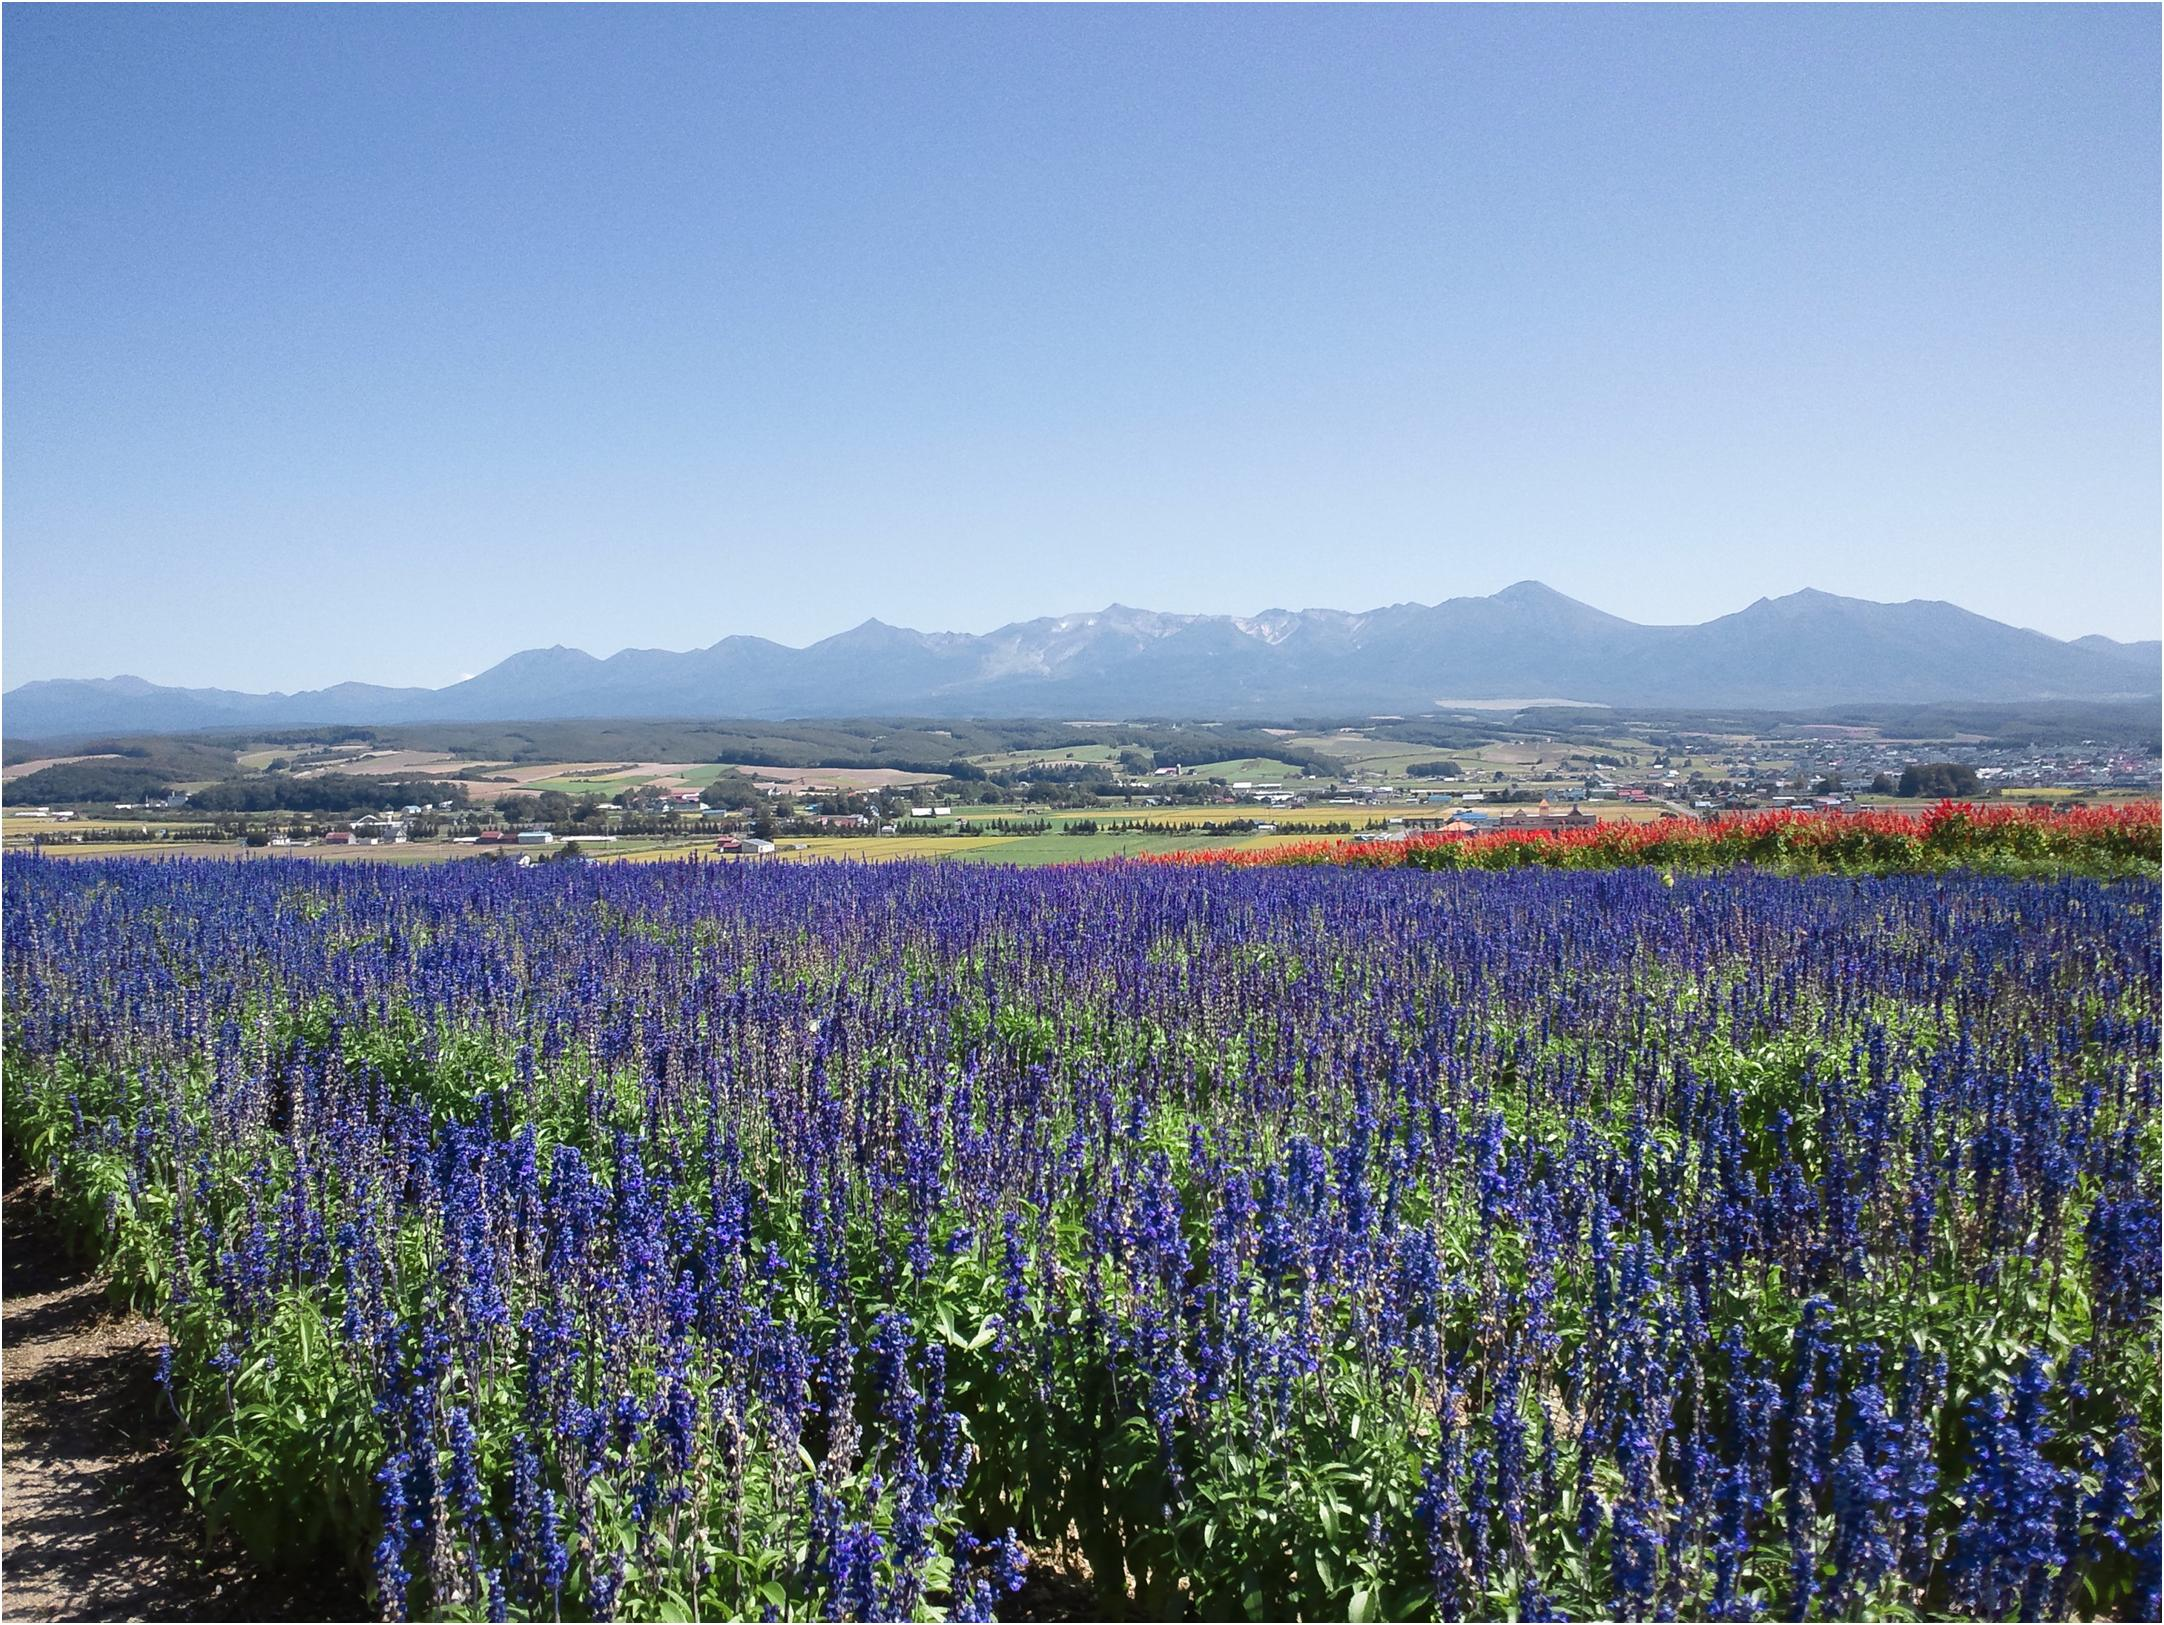 美瑛の丘に花畑を訪ねよう!富良野から絶景ドライブ観光ガイド